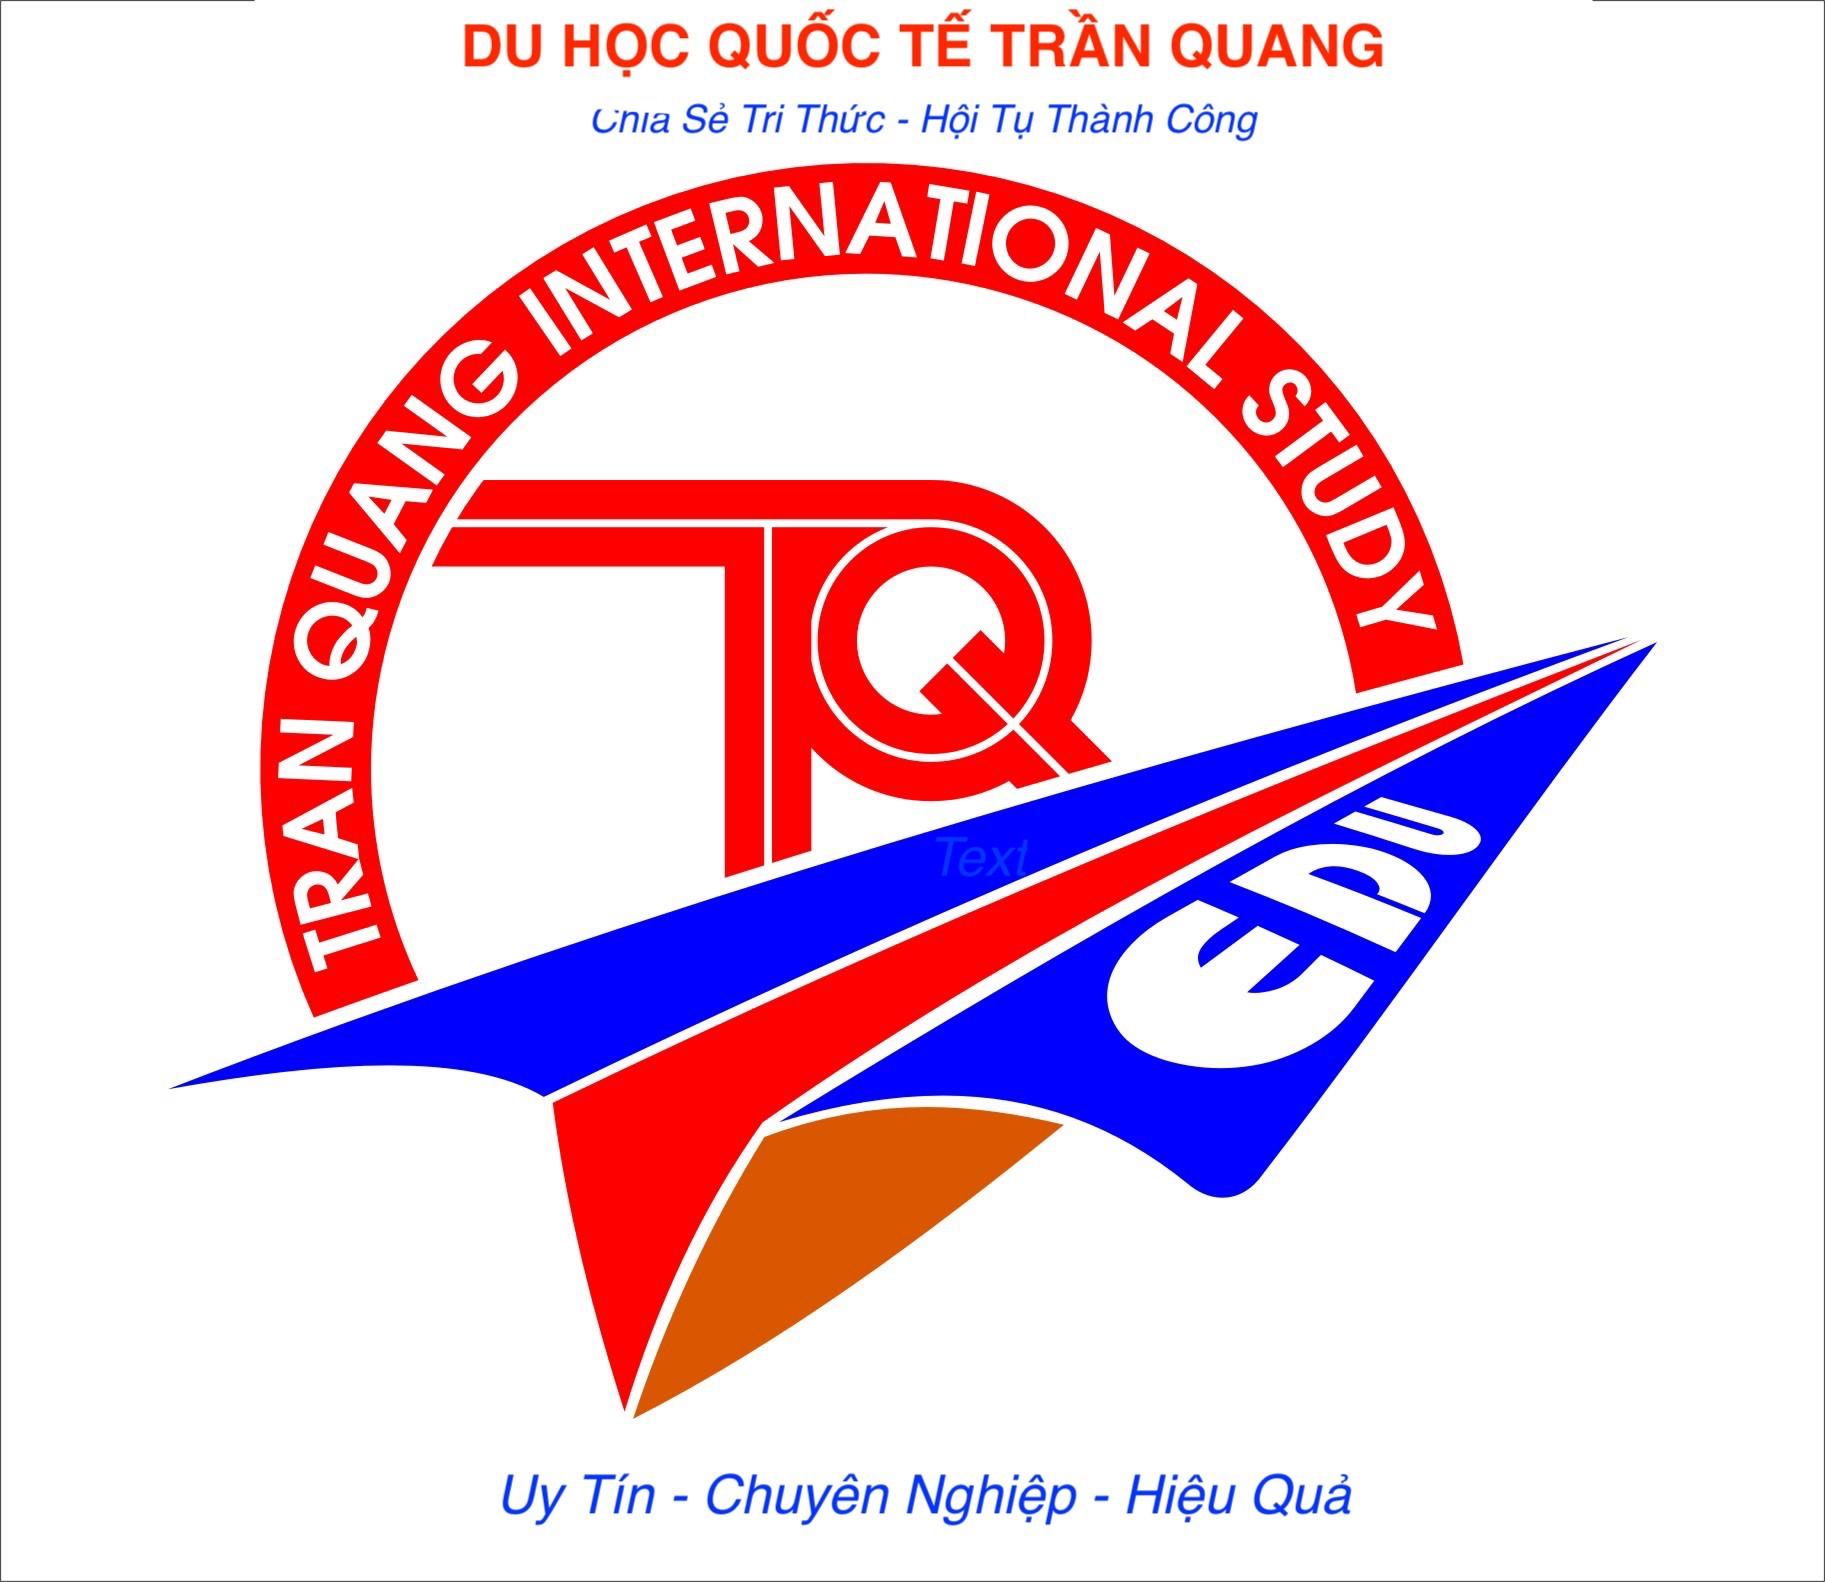 [Du Học Quốc Tế Trần Quang] - Đại Học Quốc Gia Pukyong (Hàn Quốc) tuyển sinh kỳ tháng 12/2020